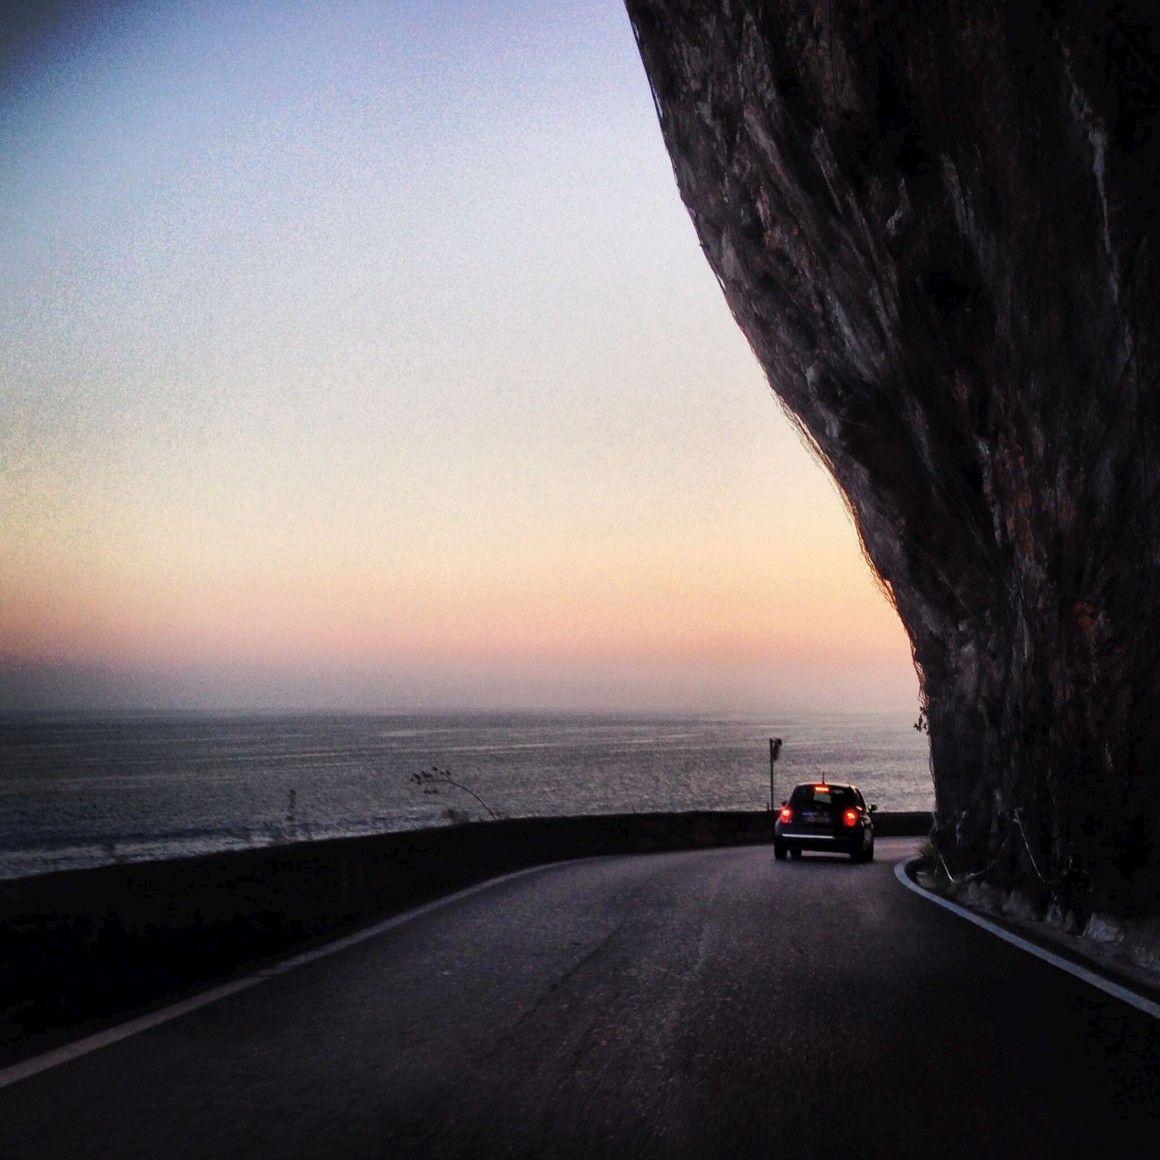 Tire férias e faça-se à estrada para dez das grandes viagens de carro que pode cumprir pela Europa a partir de Portugal.